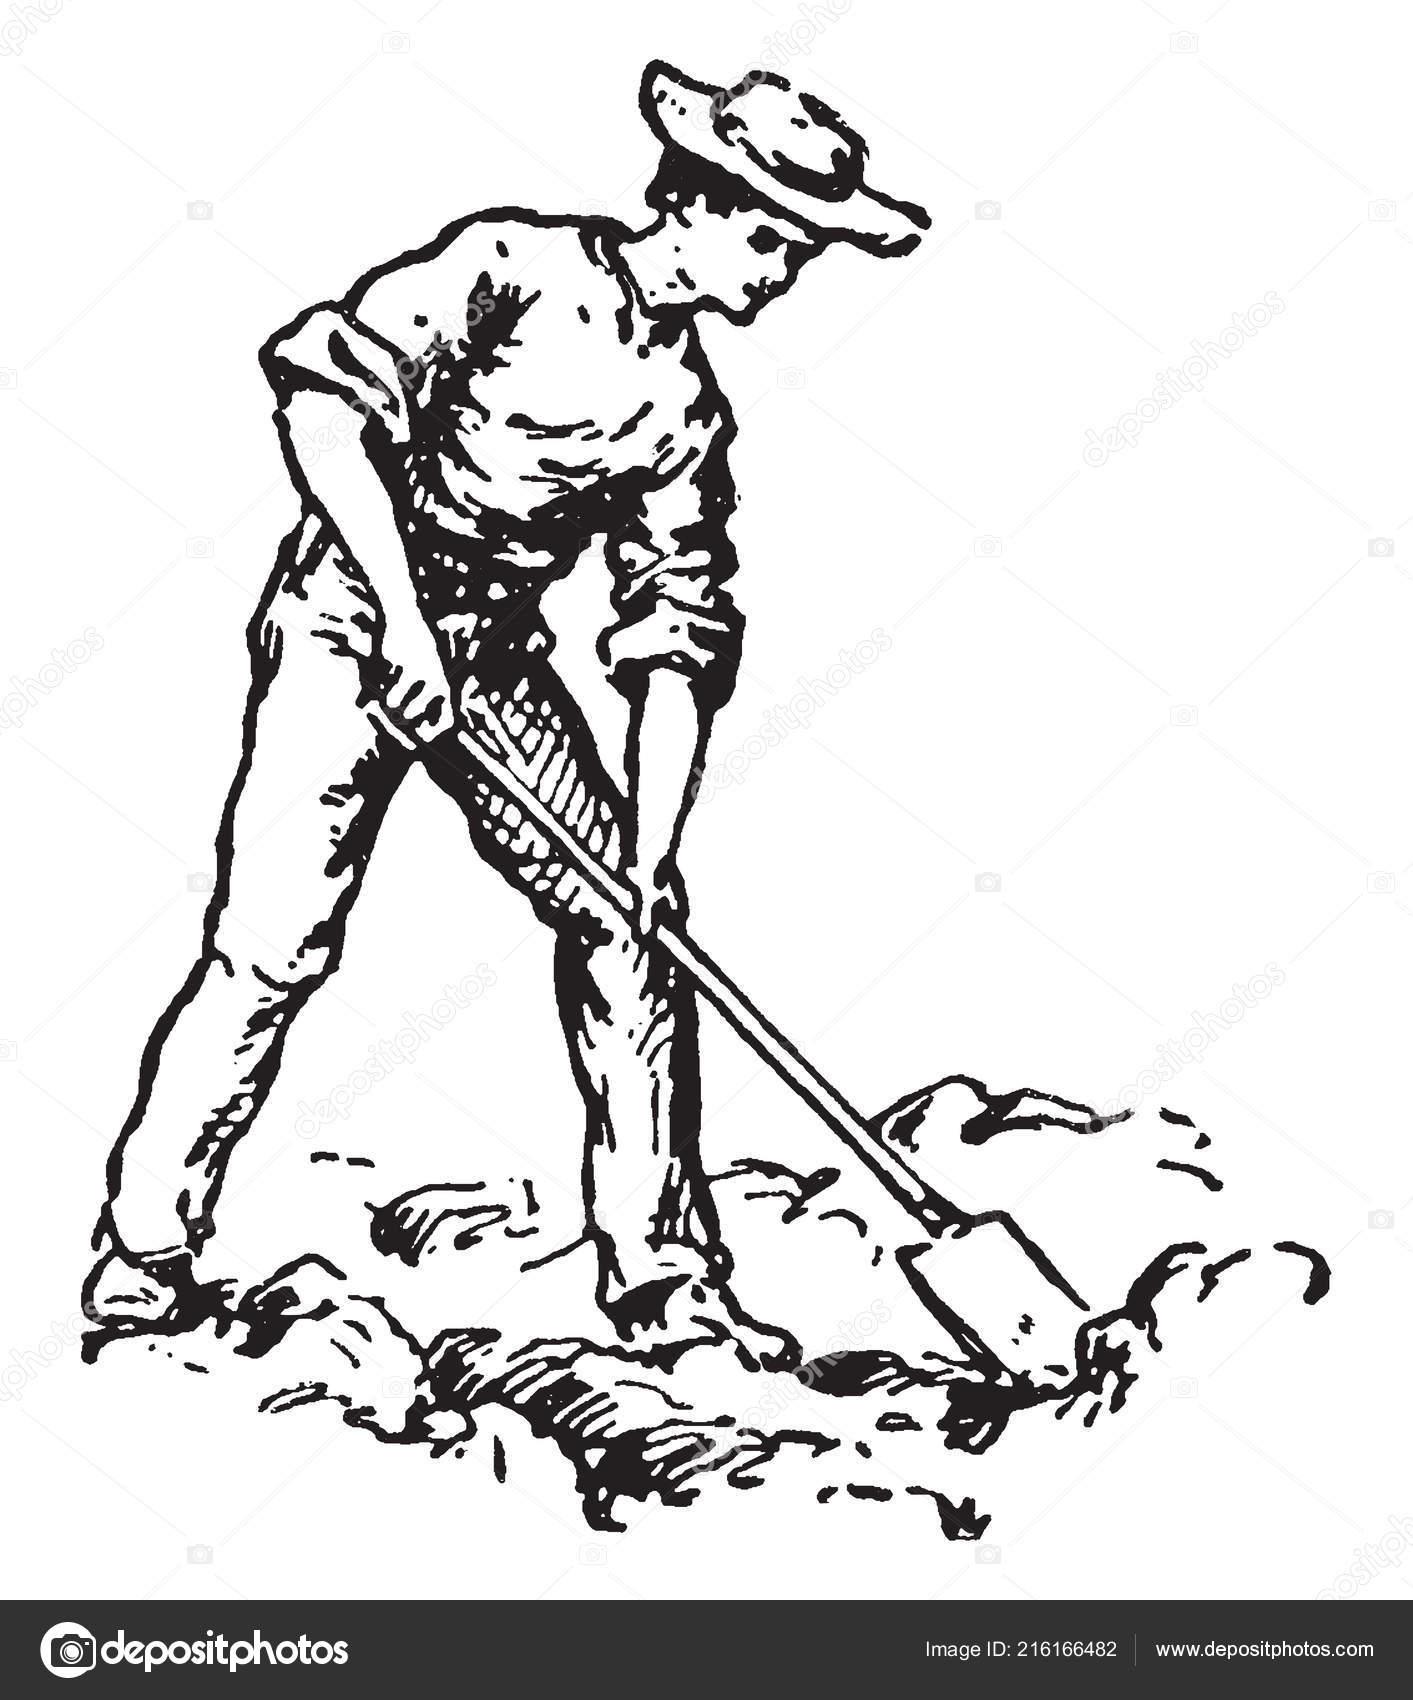 Hombre Cavando Con Pala Vintage Línea Dibujo Ilustración ...